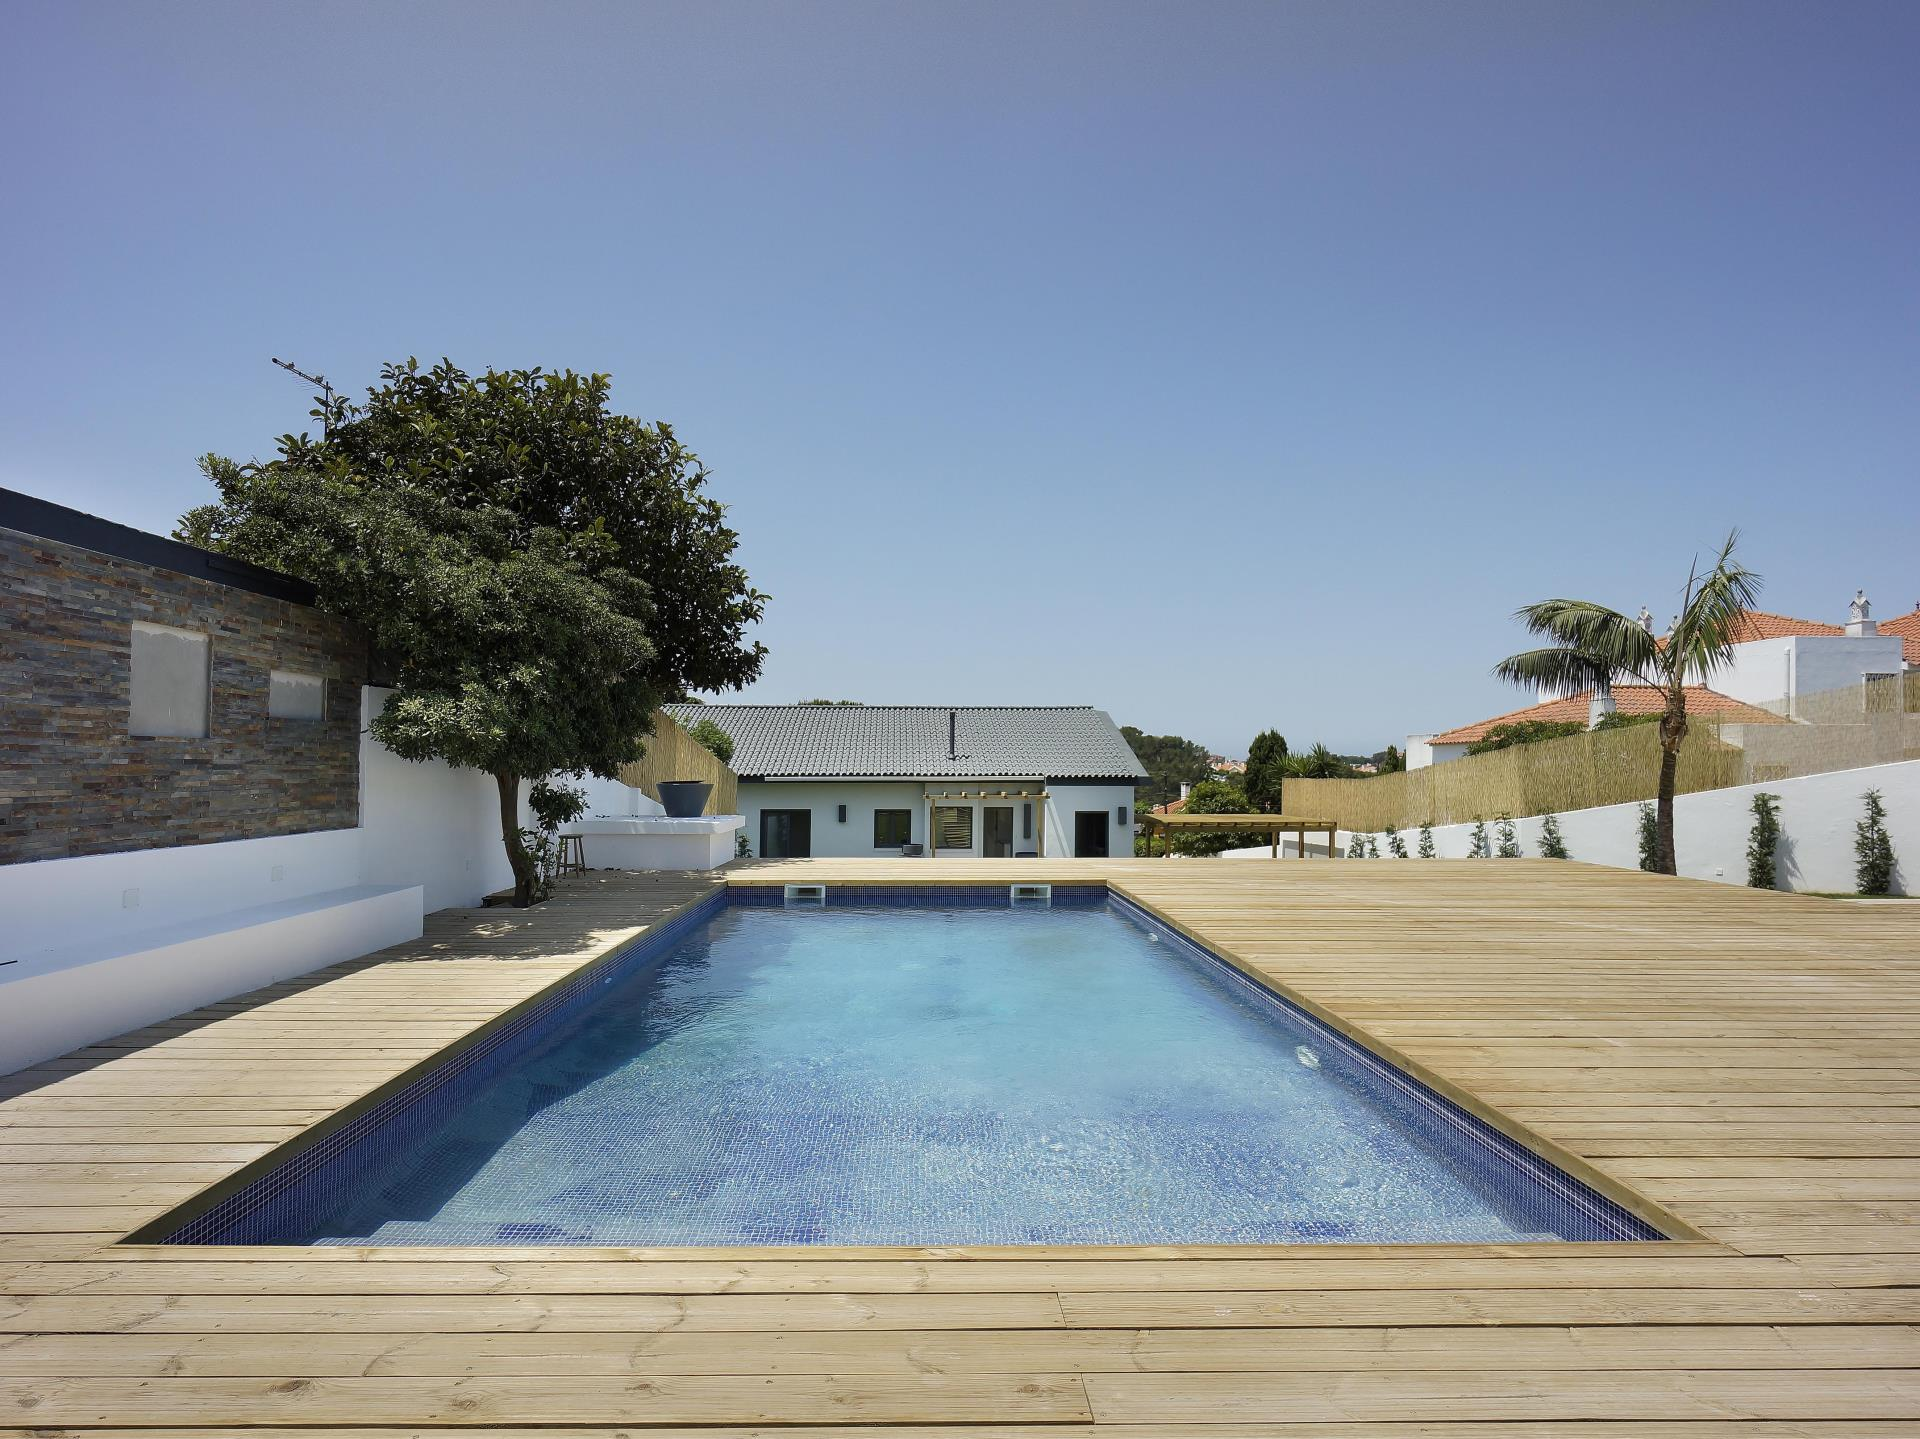 단독 가정 주택 용 매매 에 House, 4 bedrooms, for Sale Cascais, 리스보아 포르투갈